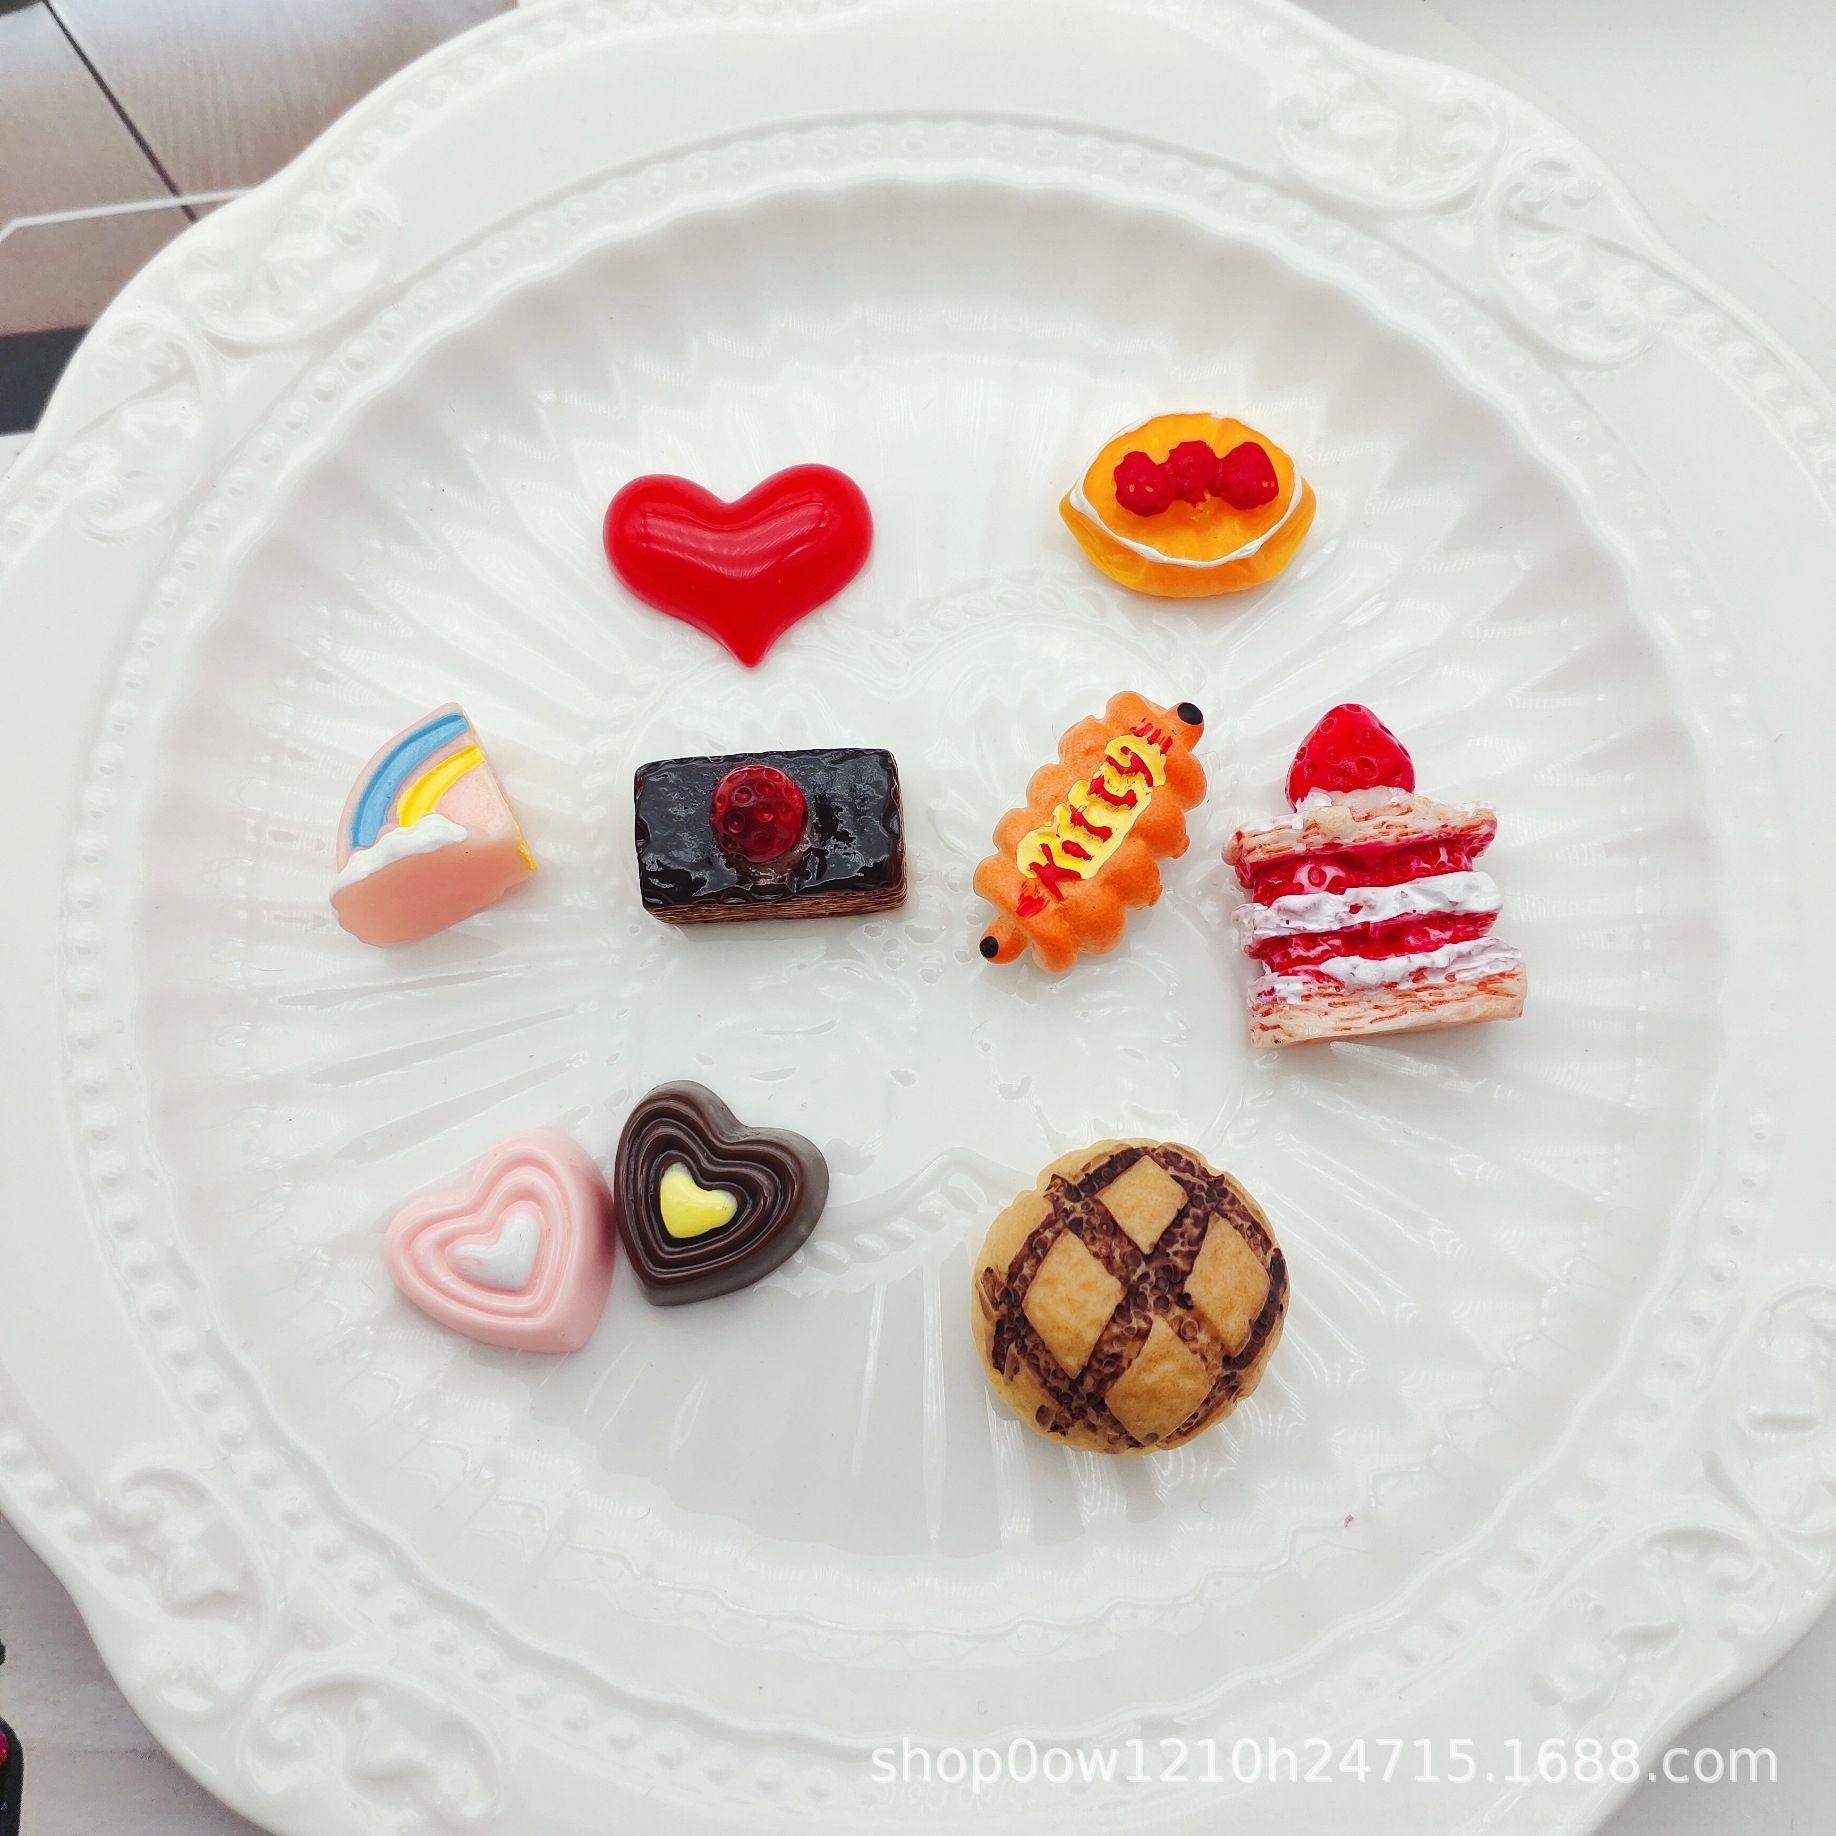 Персик сердце моделирования торт хлеба смола питание и аксессуары Diy красоты игра поделки аксессуары для мобильных телефонов оболочки красота материалы